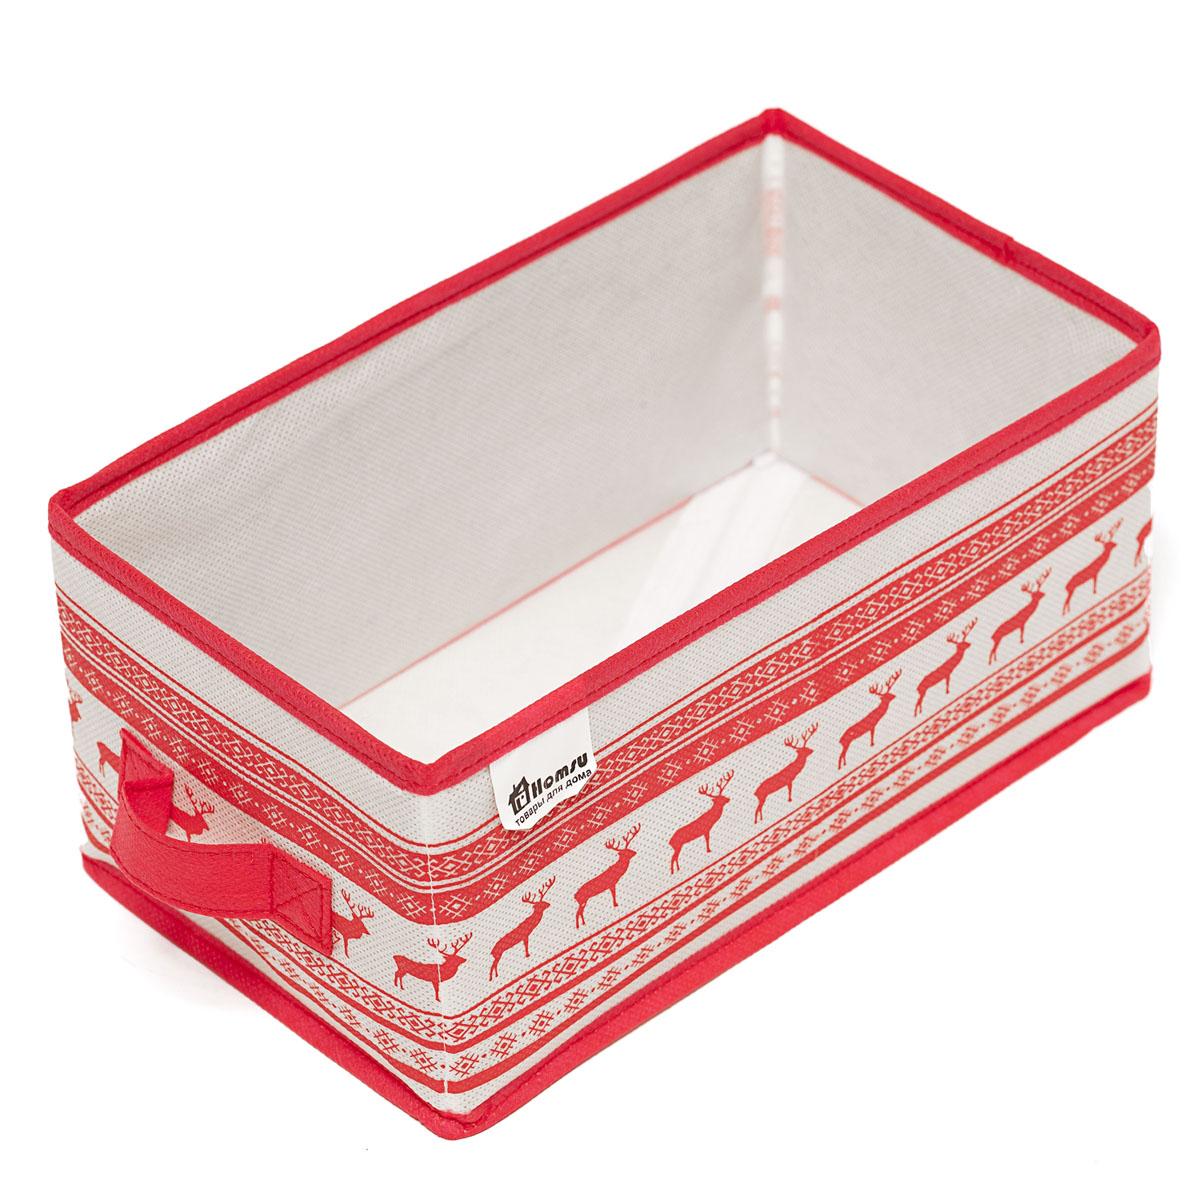 Кофр для хранения Homsu Scandinavia, 28 х 14 х 13 см74-0120Универсальная коробочка для хранения любых вещей. Оптимальный размер позволяет хранить в ней любые вещи и предметы. Имеет жесткие борта, что является гарантией сохраности вещей. Фактический цвет может отличаться от заявленного.